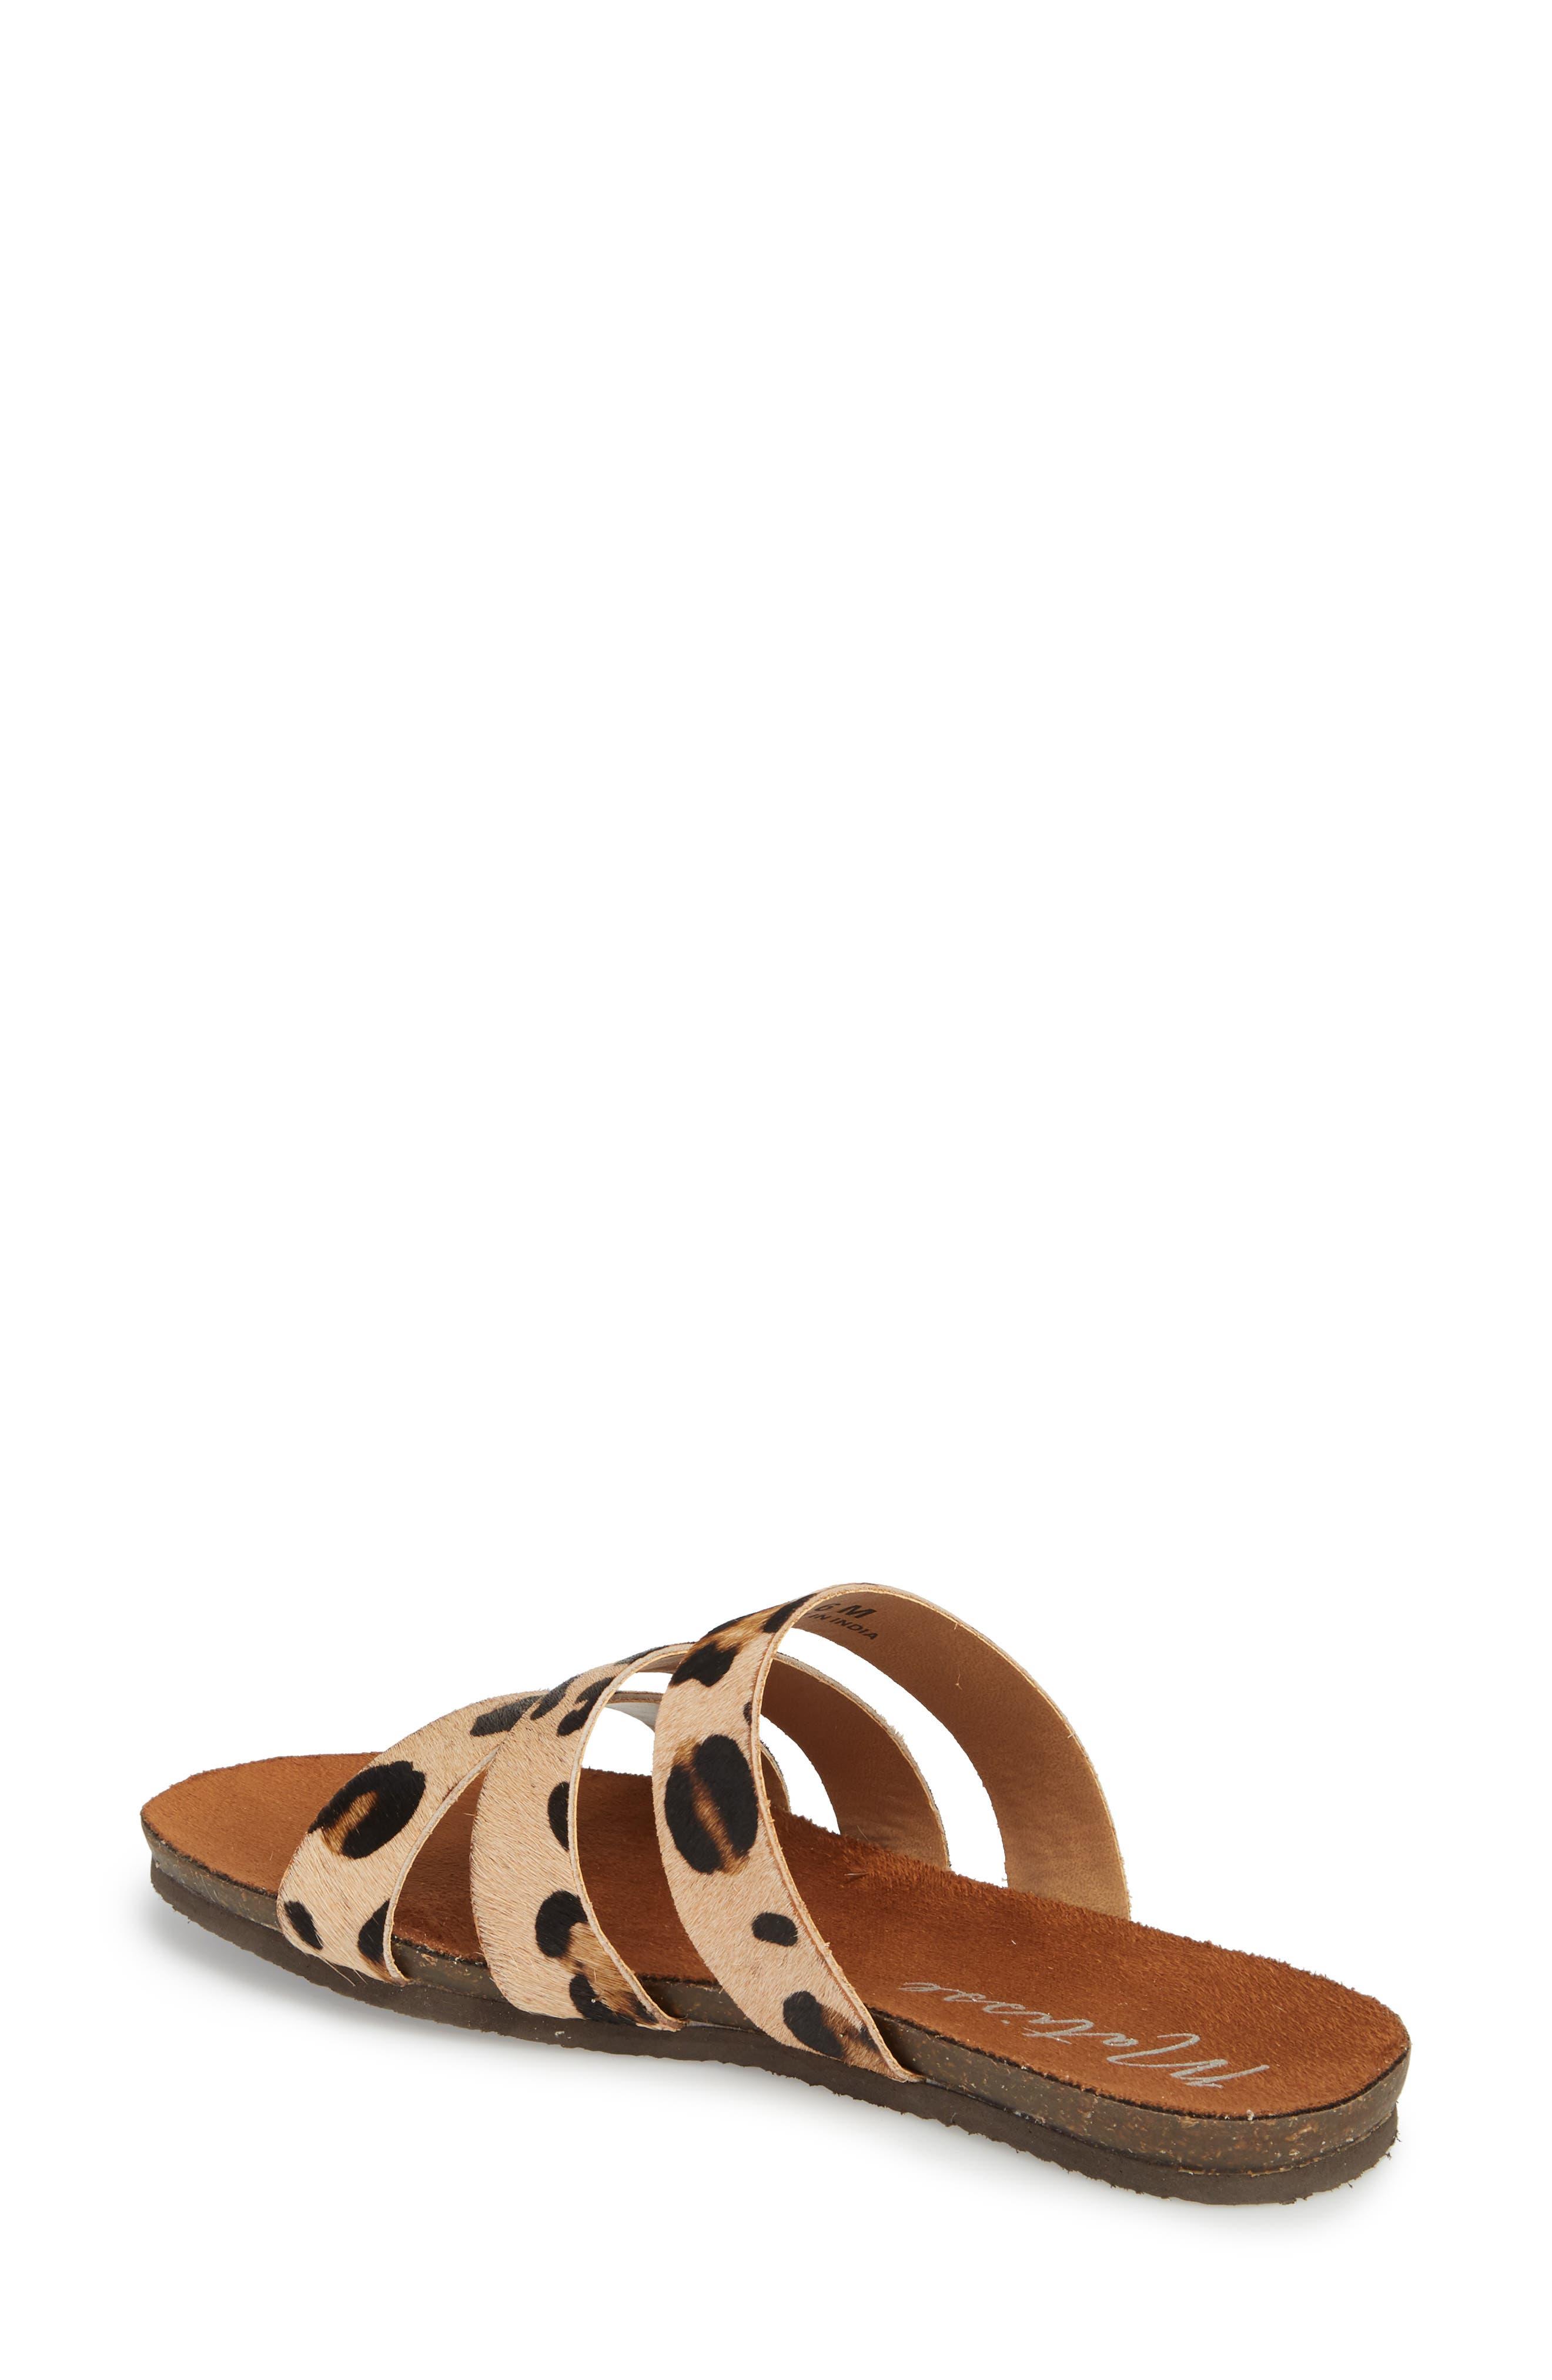 Florence Slide Sandal,                             Alternate thumbnail 2, color,                             Leopard Calf Hair